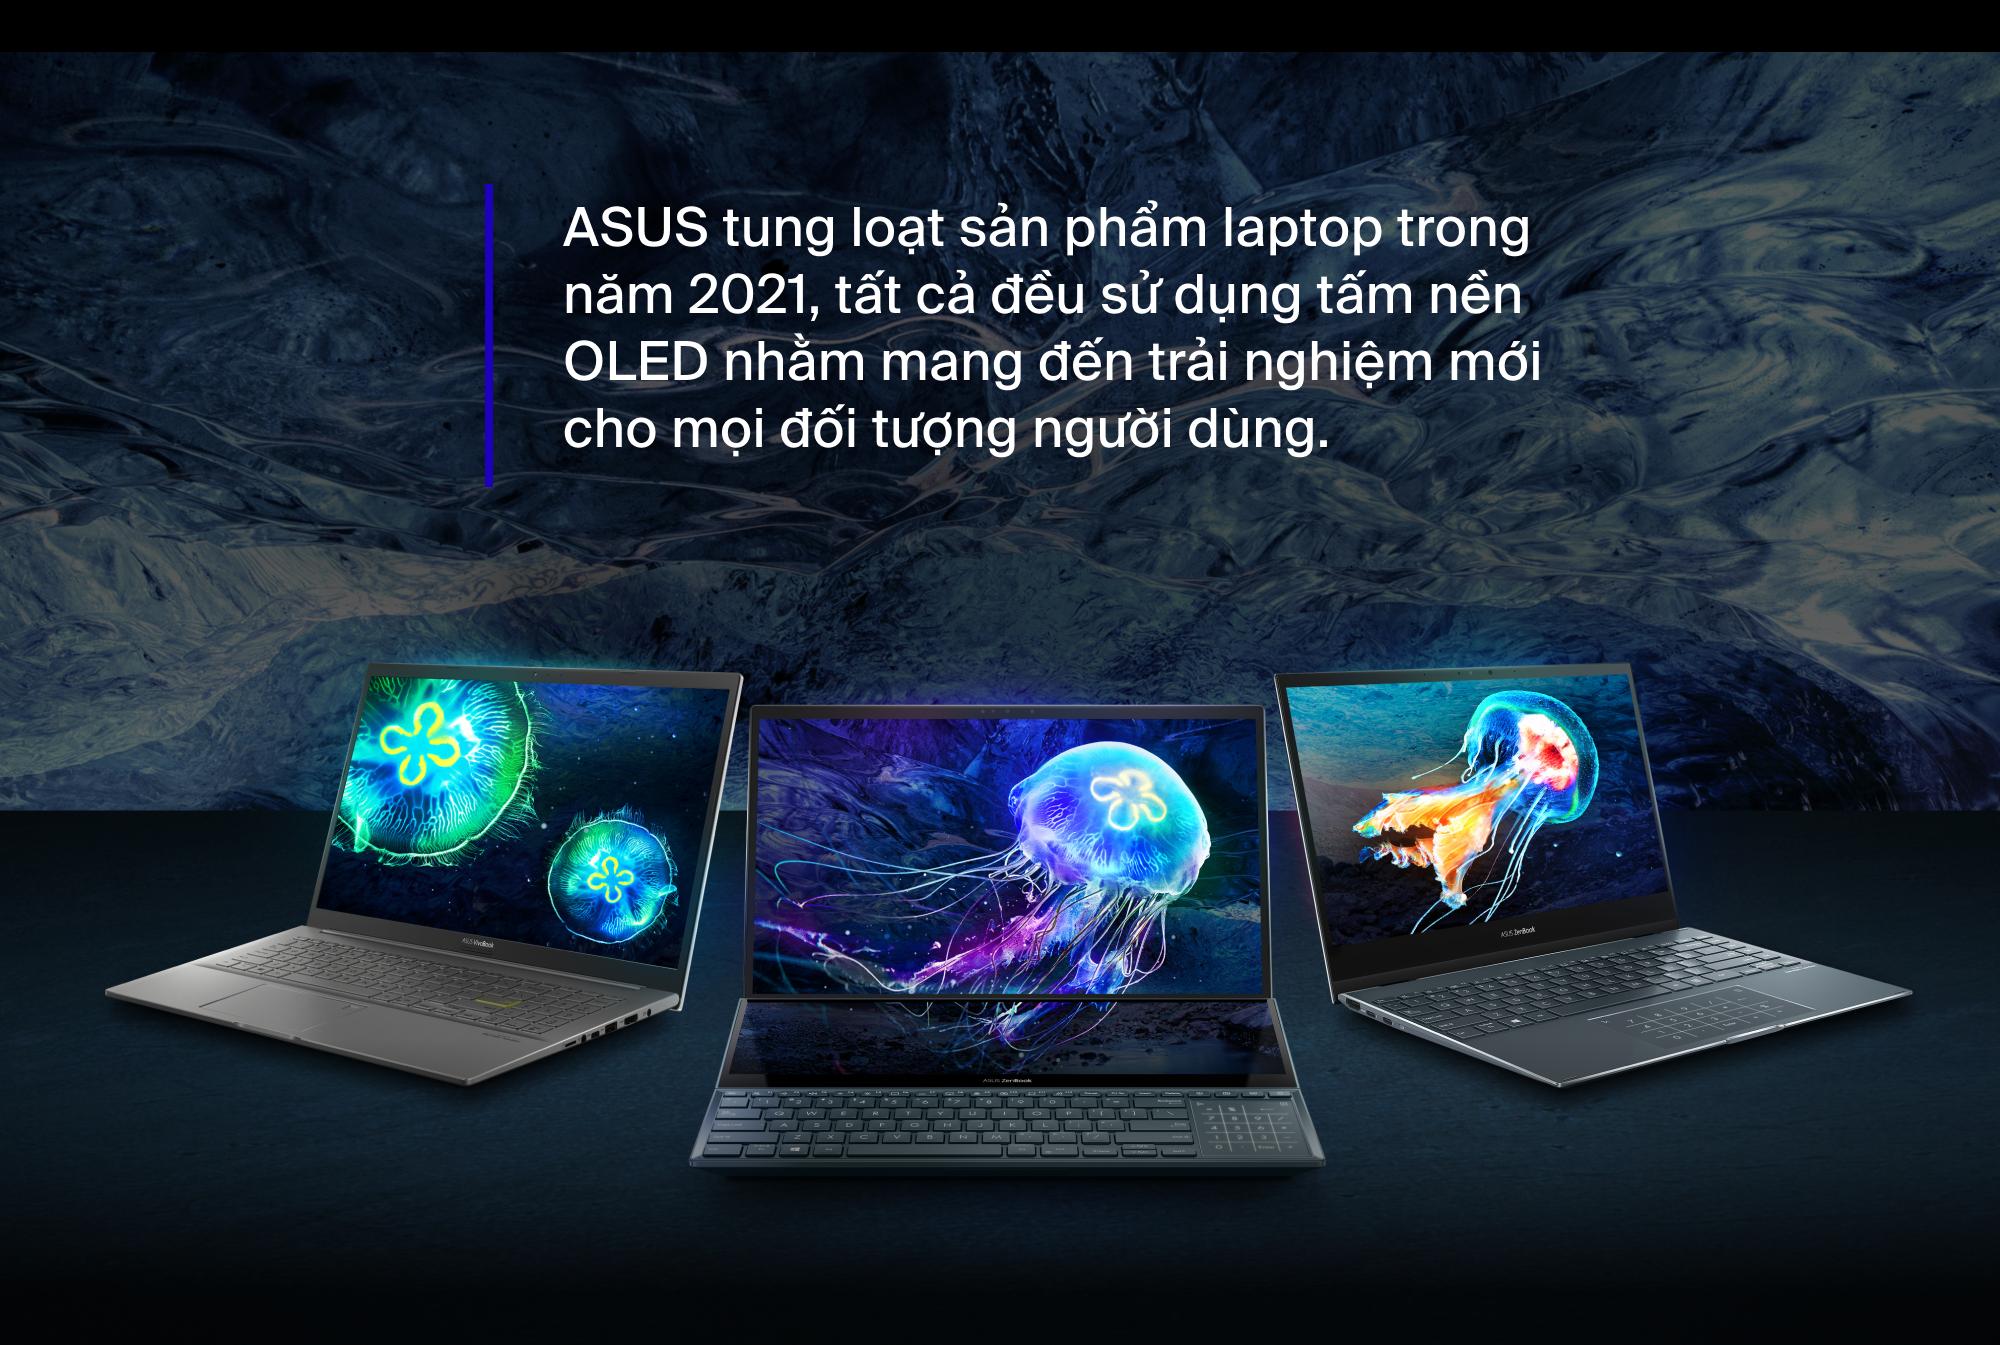 Phải trải nghiệm laptop OLED để biết cả một thế giới mới đang chờ đón bạn - Ảnh 4.